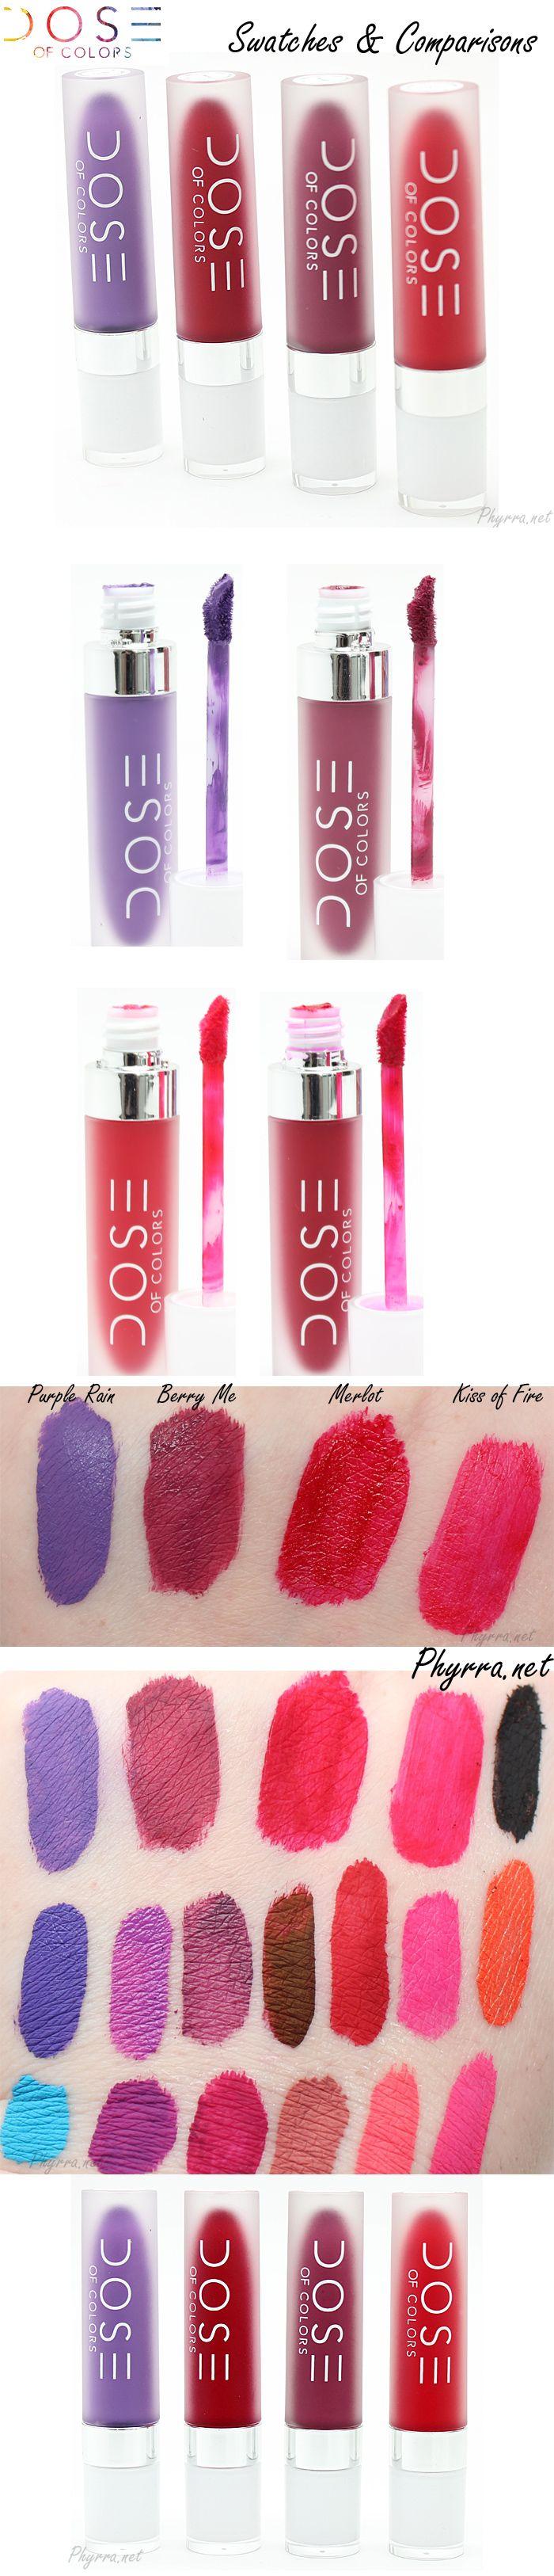 Lipstick color comparison